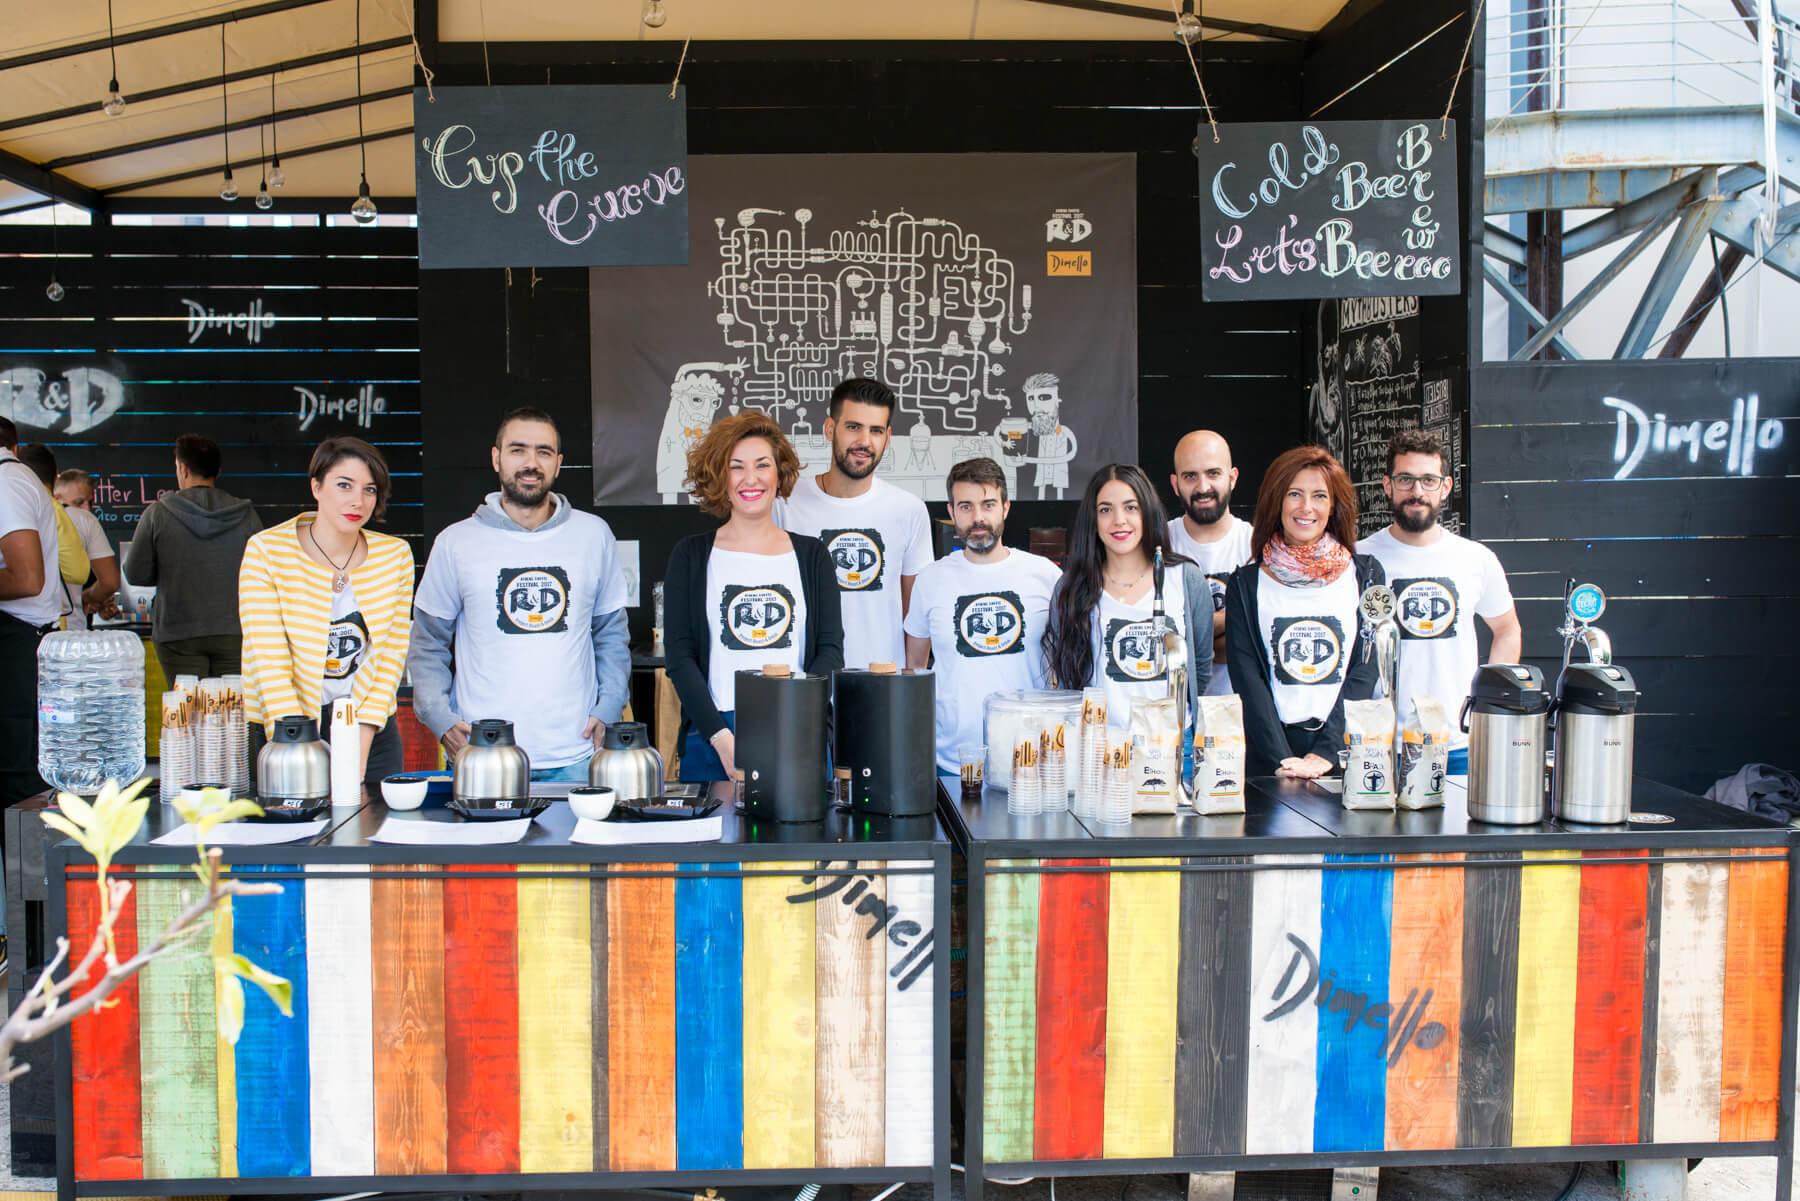 Ο Dimello στο Φεστιβάλ Καφέ Αθήνας 2017!